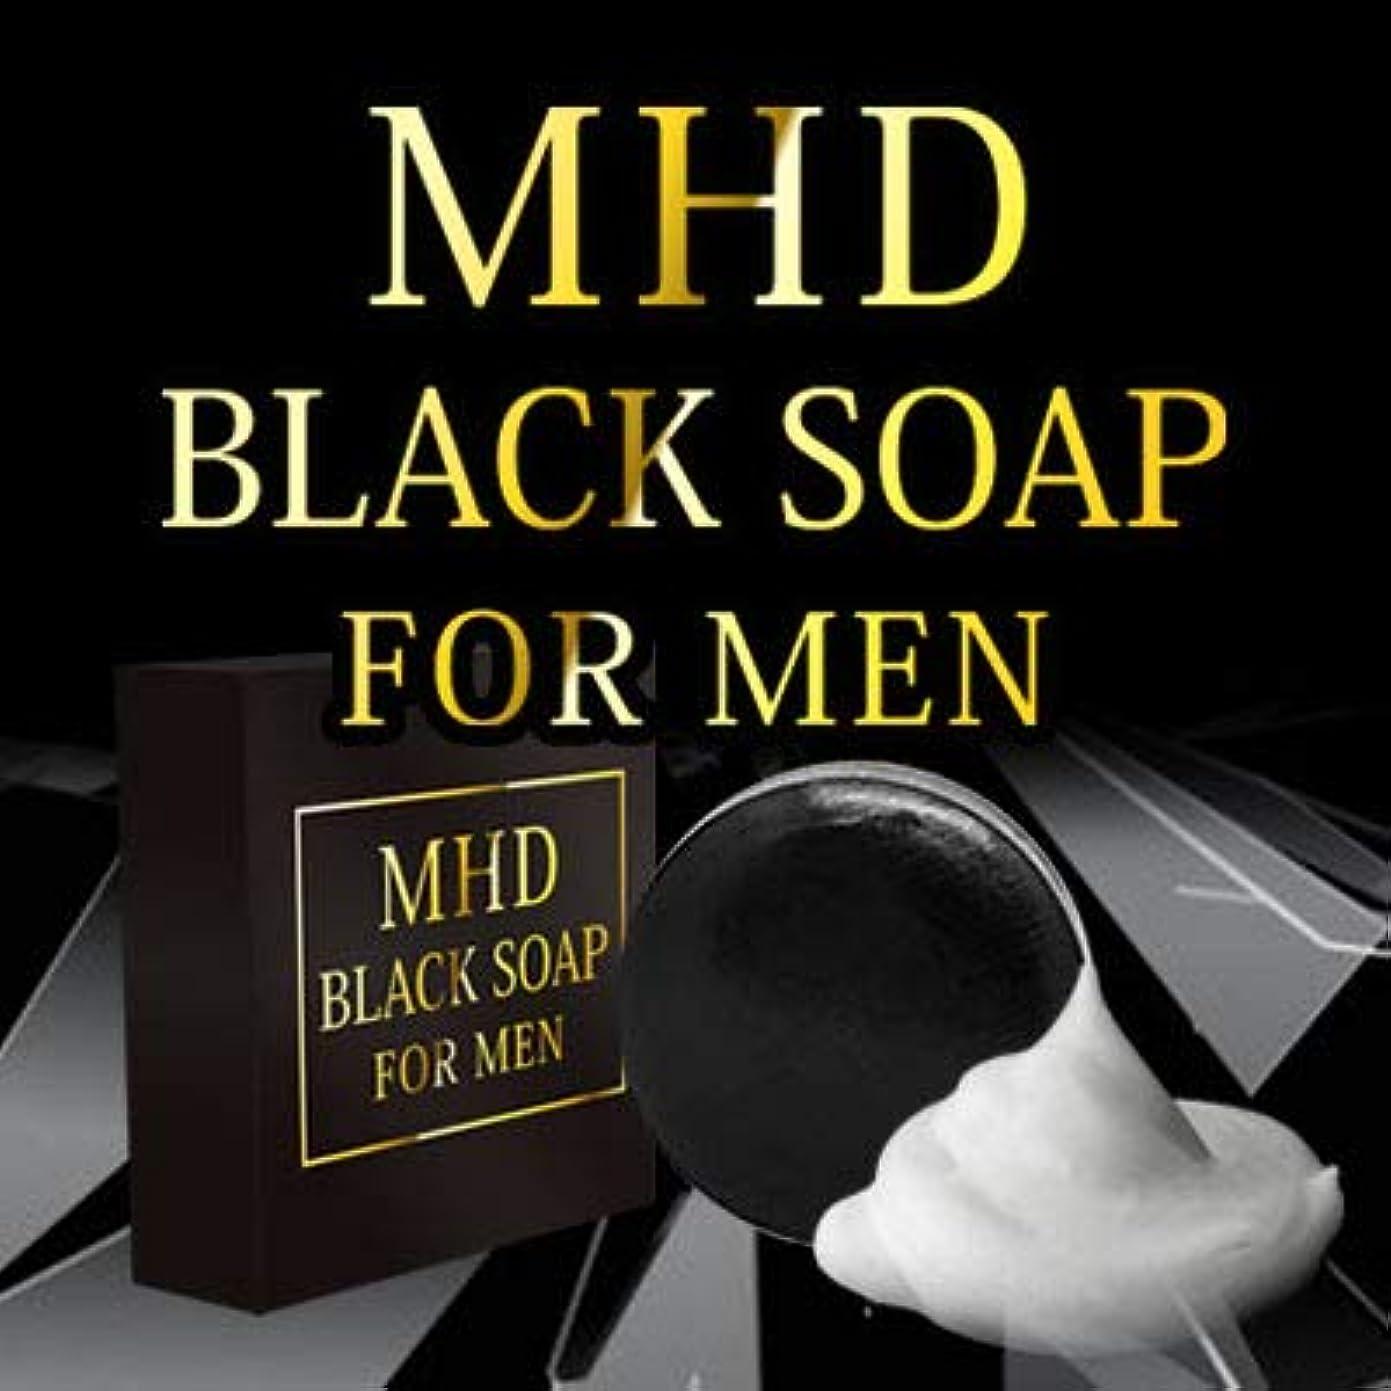 大活力クラウンMHD石鹸(BLACK SOAP FOR MEN) メンズ用全身ソープ